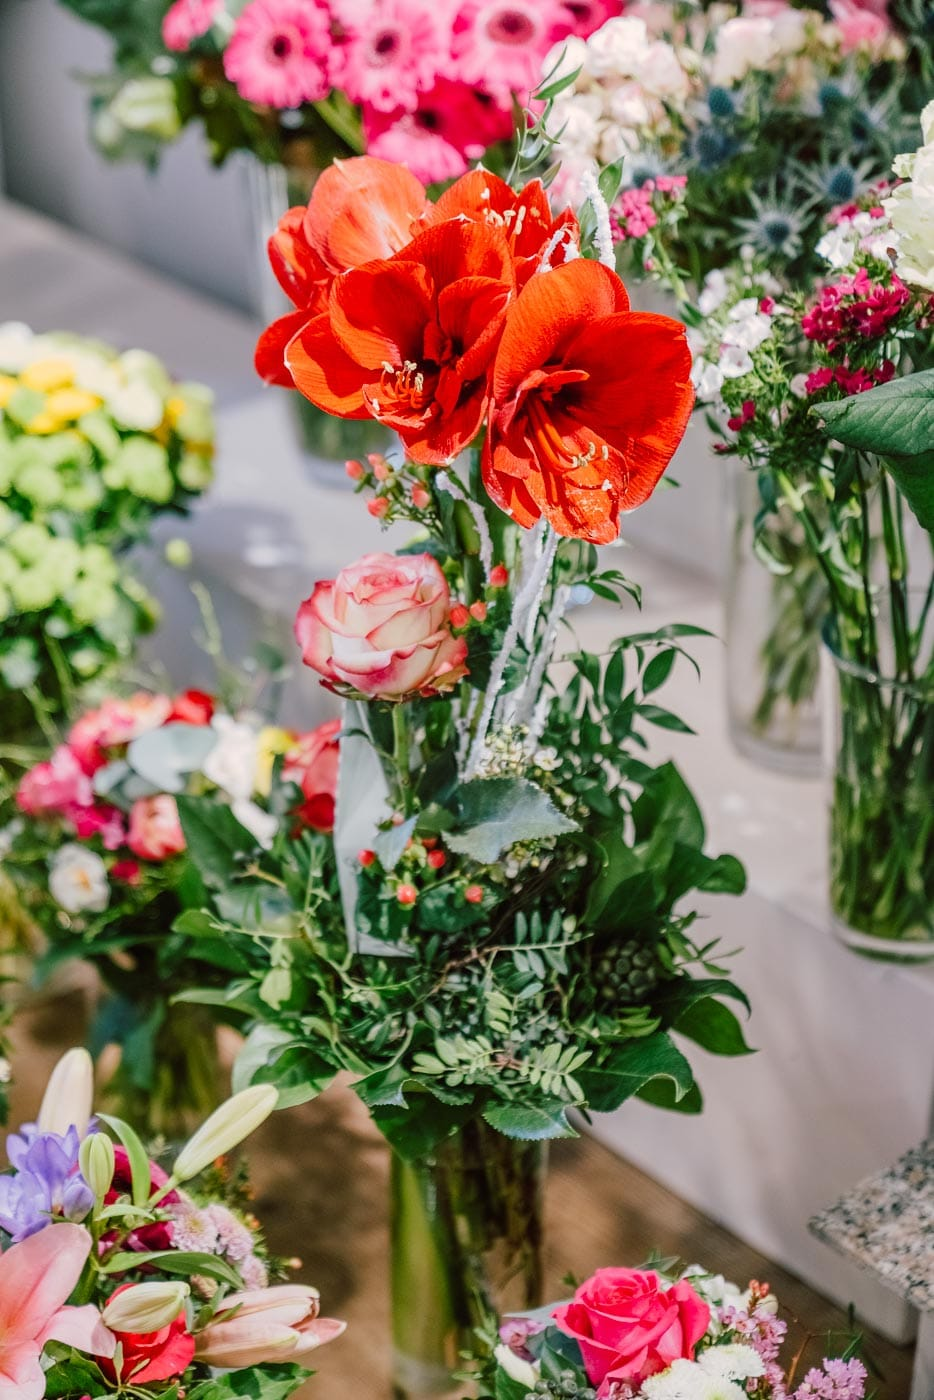 Blumen-Gaby-Strohmeier-straeusse-feb20-13